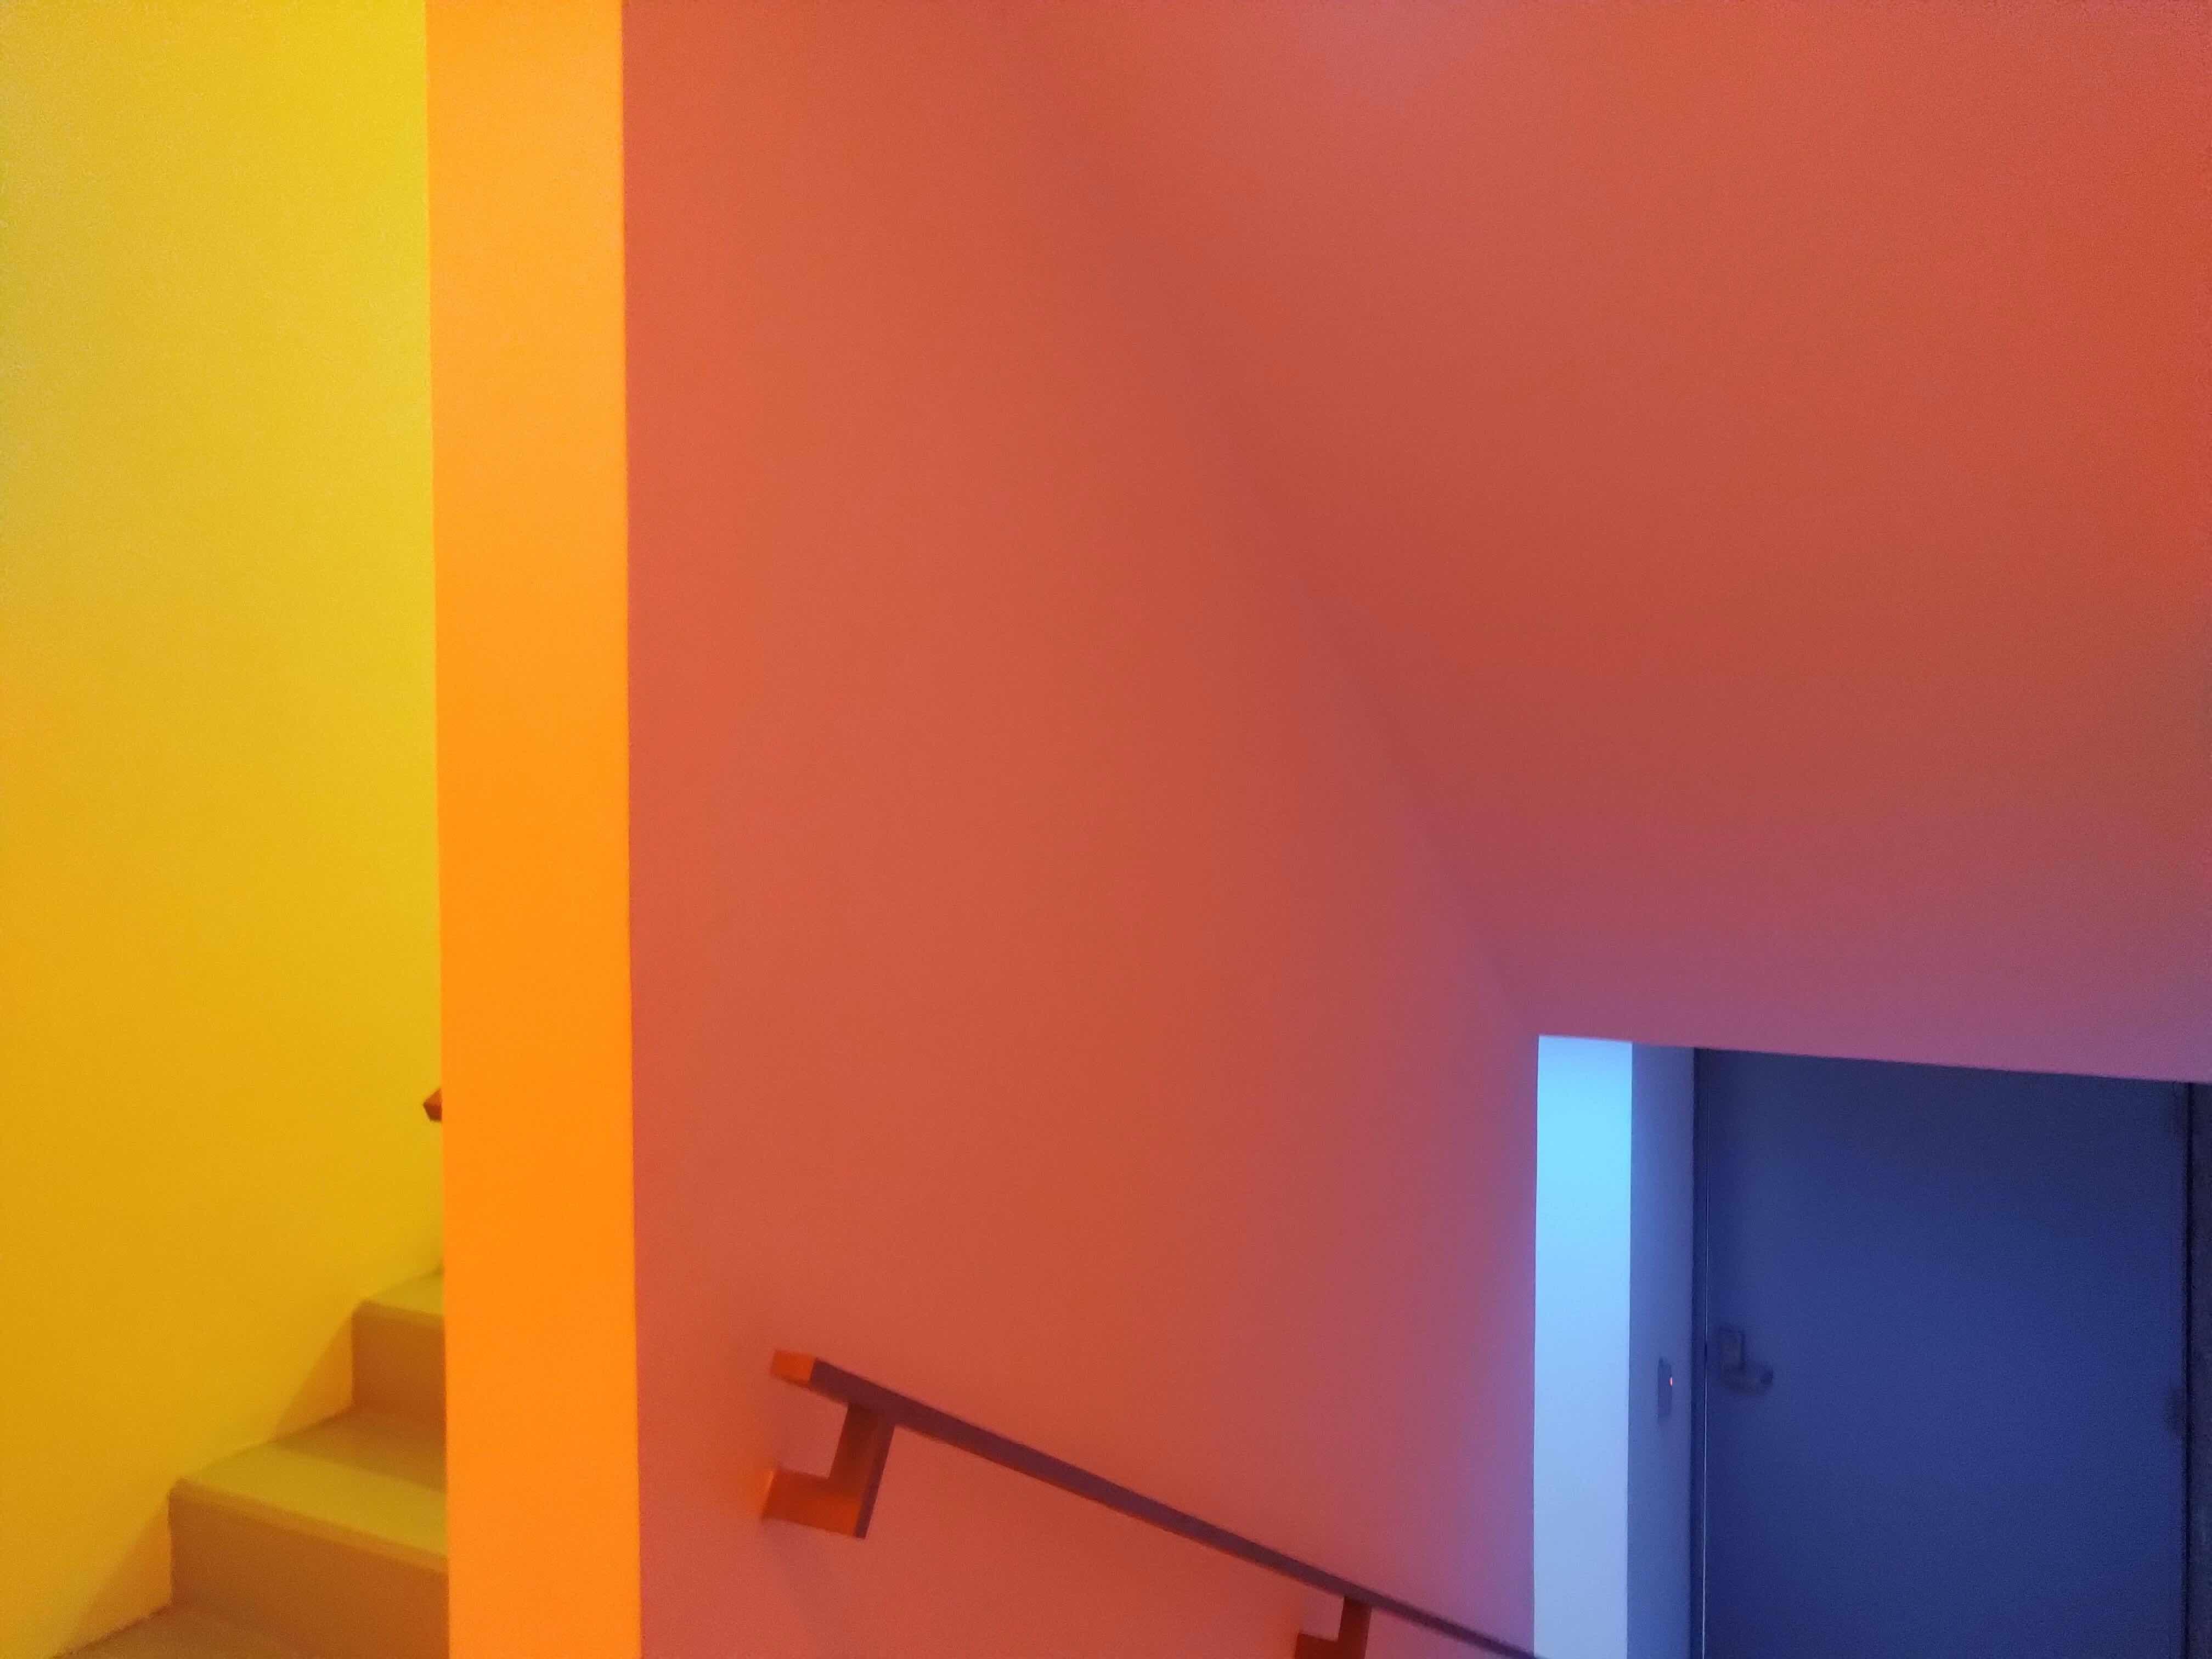 Christian Camacho, Ejercicio 'Inmersión y color' en Escaleras del CRGS, UDEM. Cortesía del artista